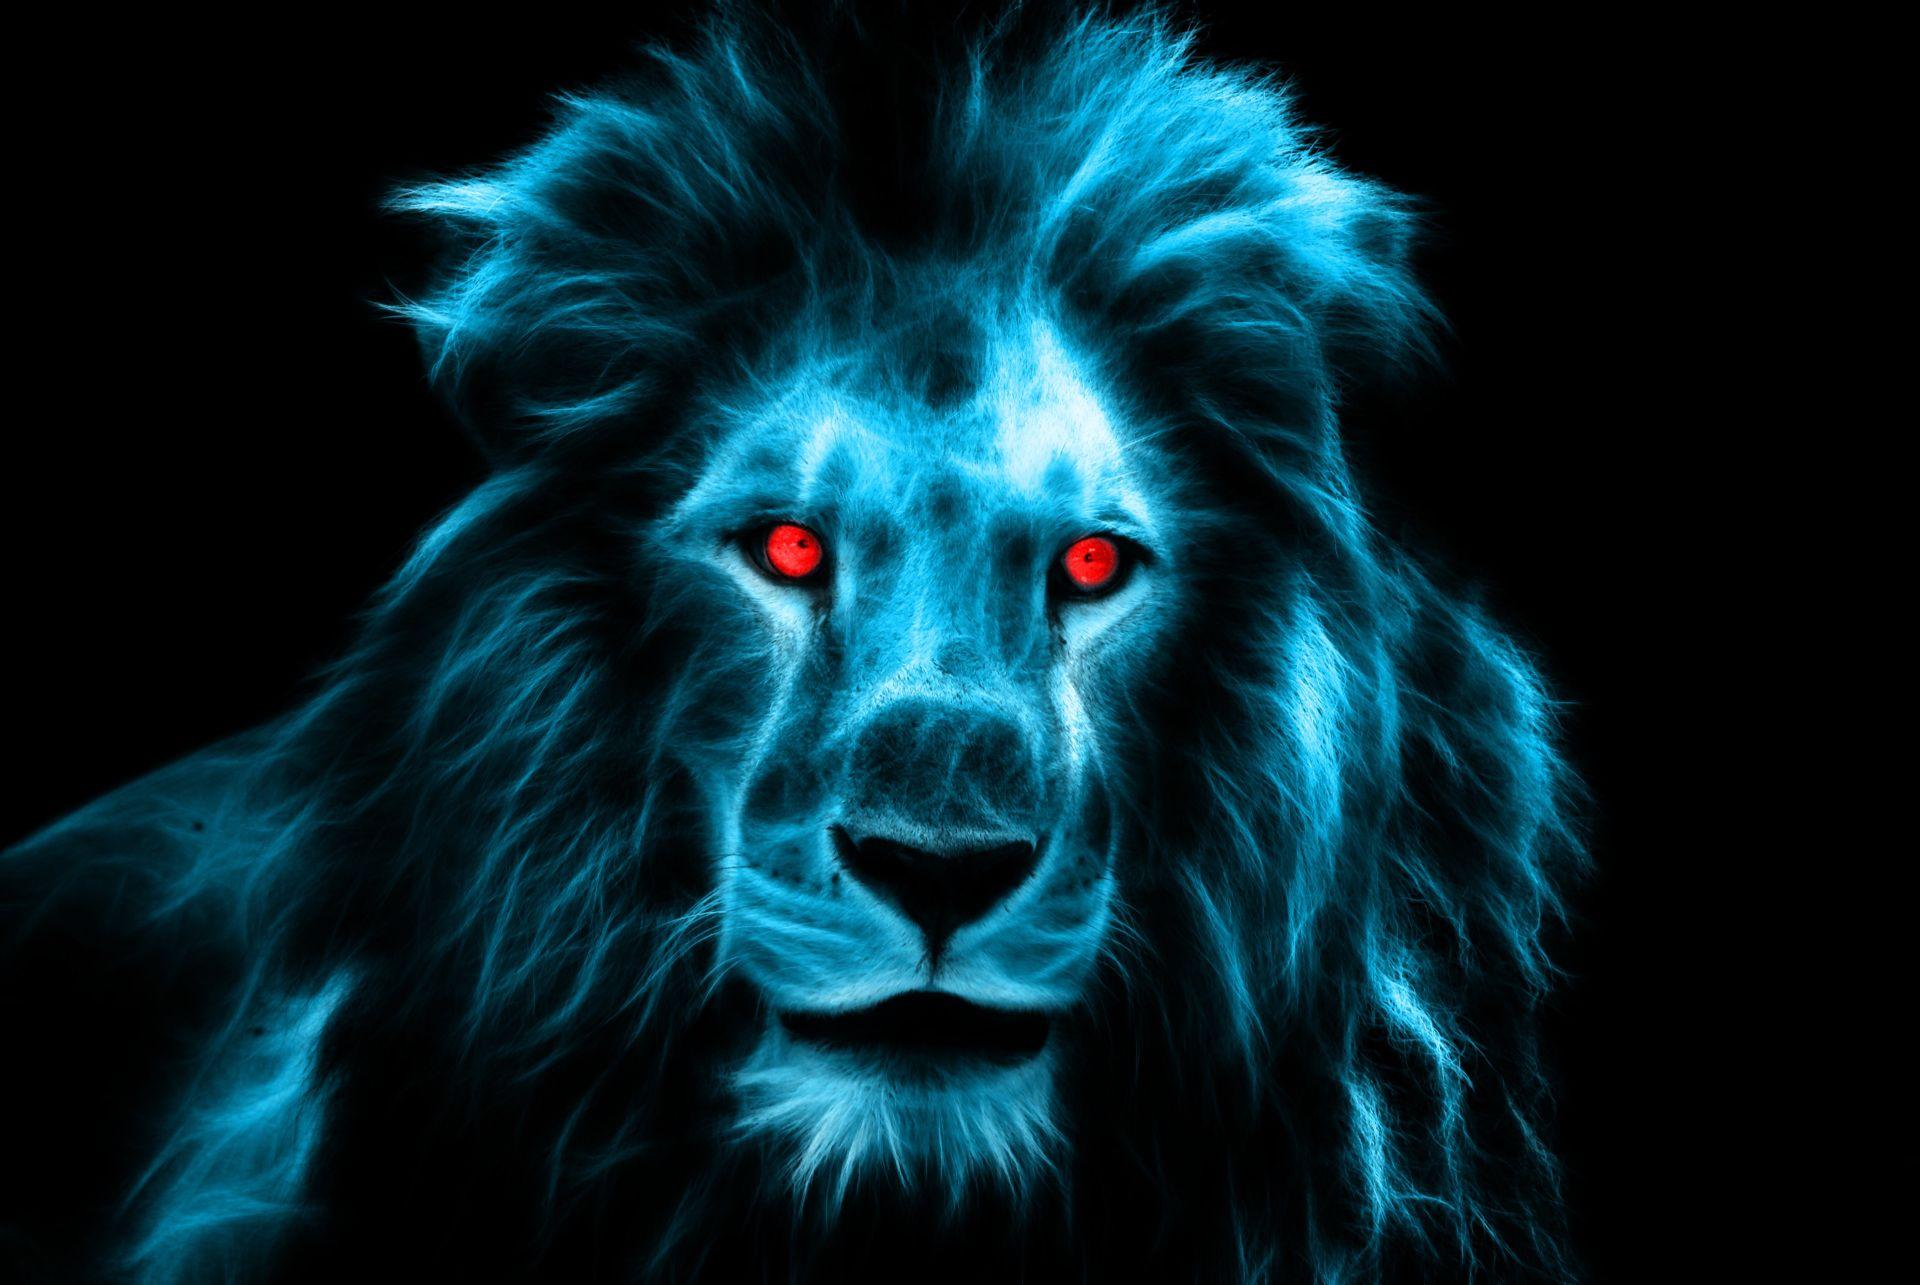 Blauer Löwenkopf symbolisiert den König der Tiere bzw. den König Kunden.